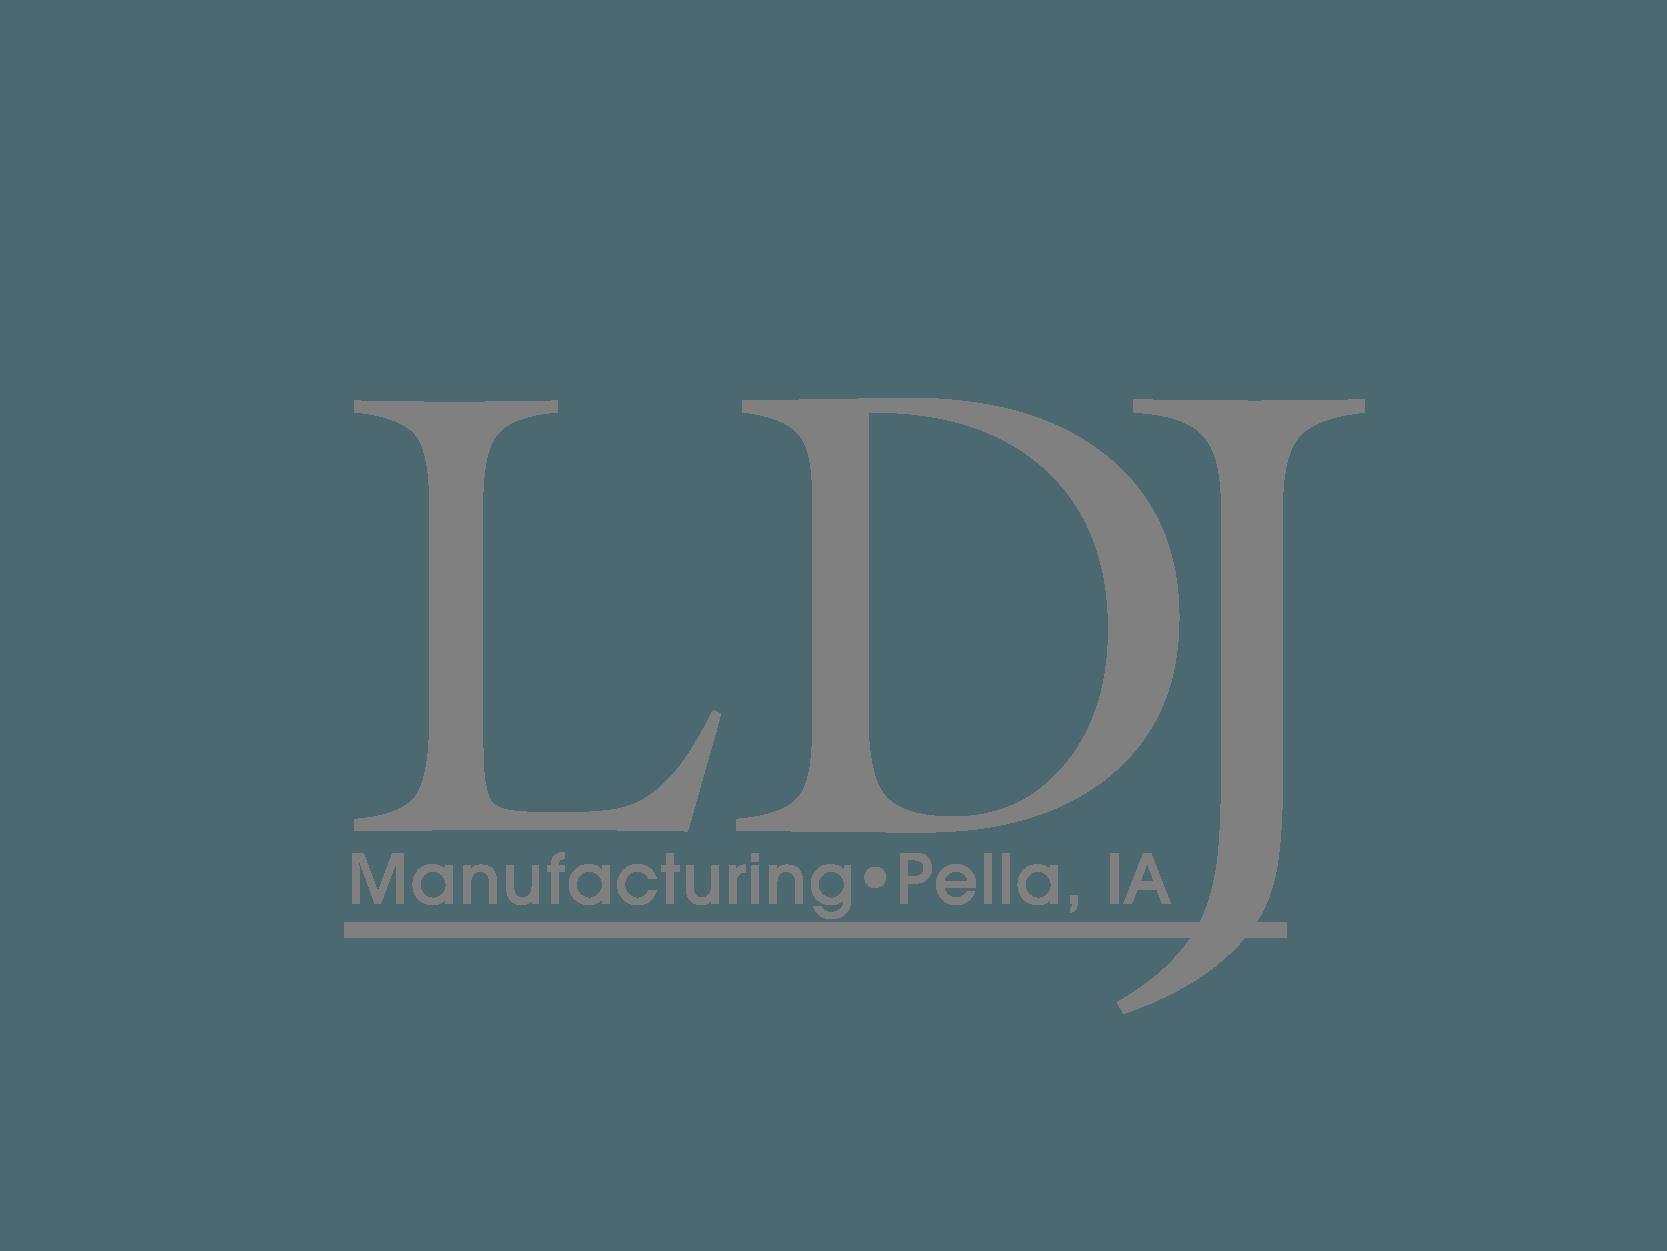 LDJ Manufacturing logo